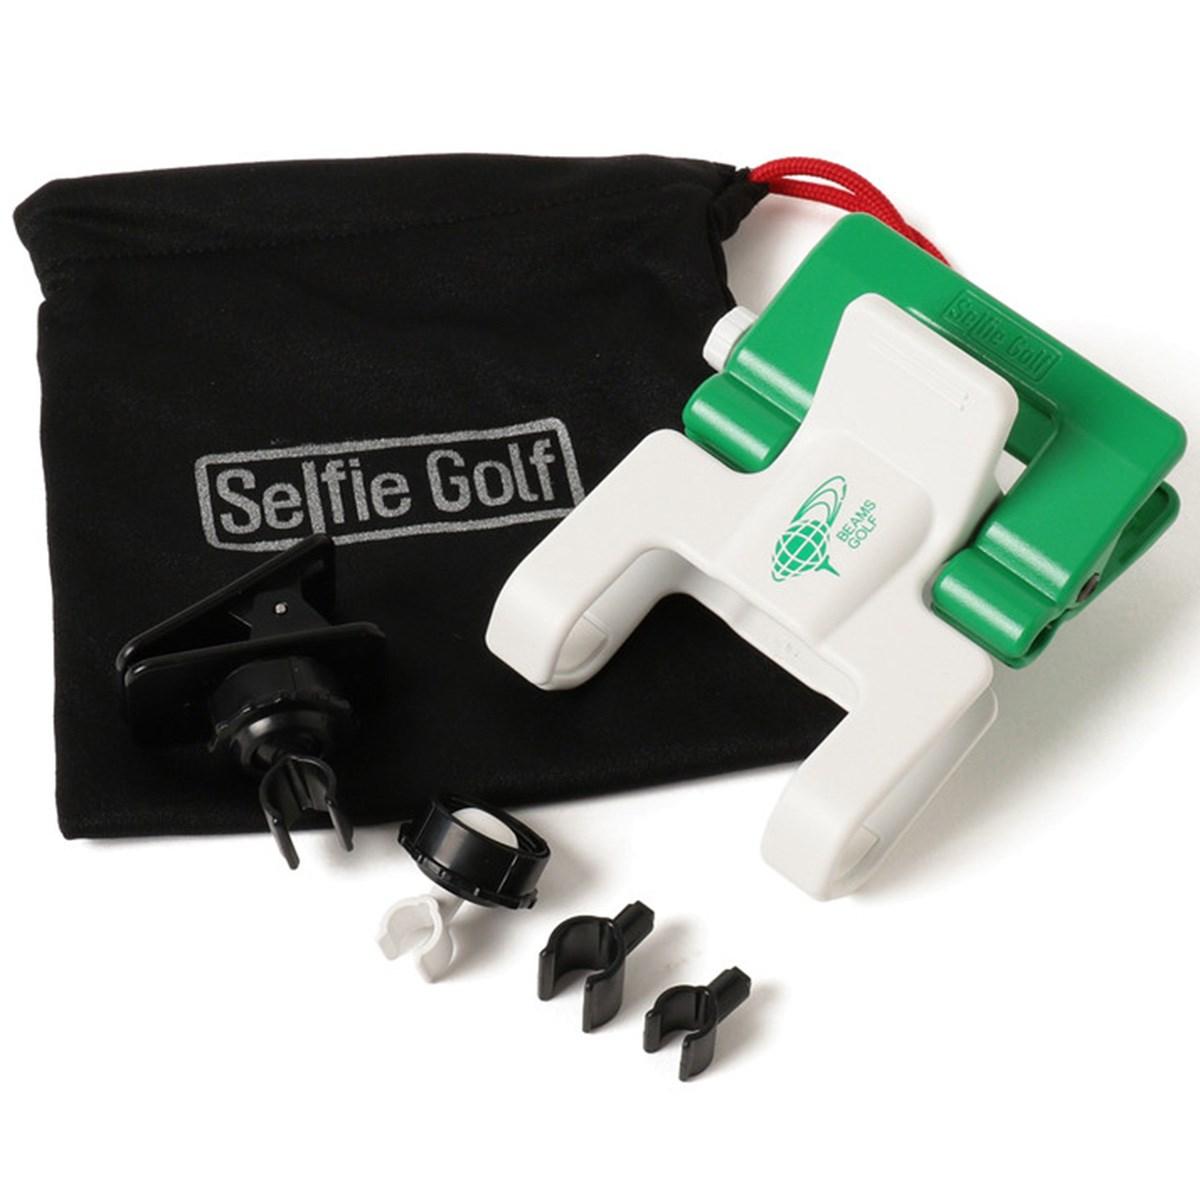 ビームスゴルフ SELFIE GOLF×BEAMS GOLF 別注 スウィングチェック セルフィークリップ